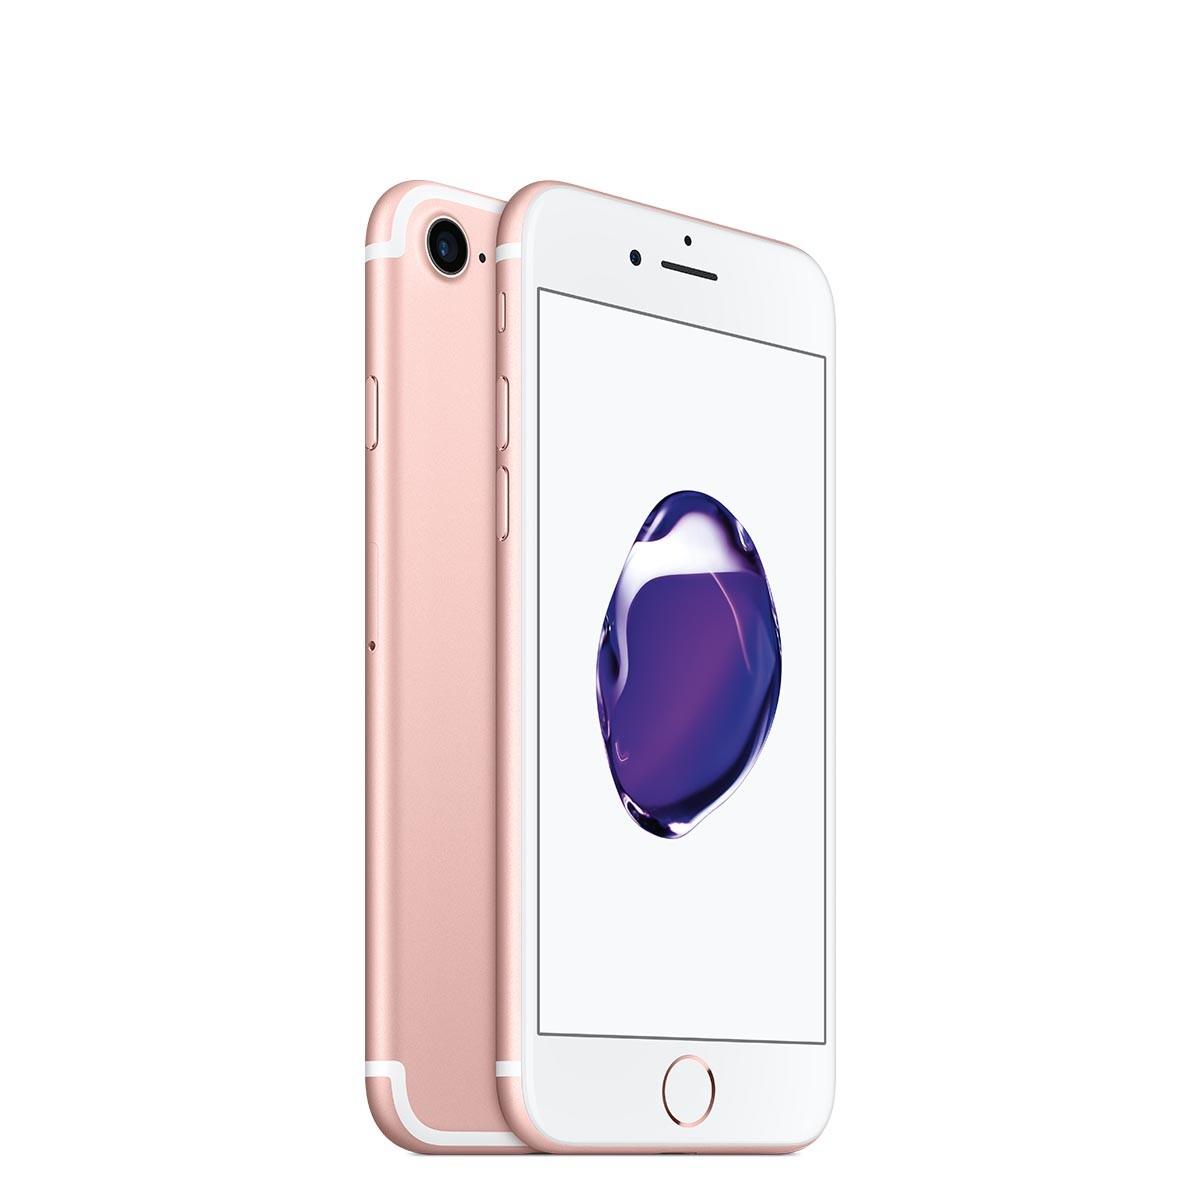 Apple iPhone 7 256GB - Rose Gold (servisovaný, nepoužitý, záruka a odpovědnost z vad 12 měsíců u iSTYLE)